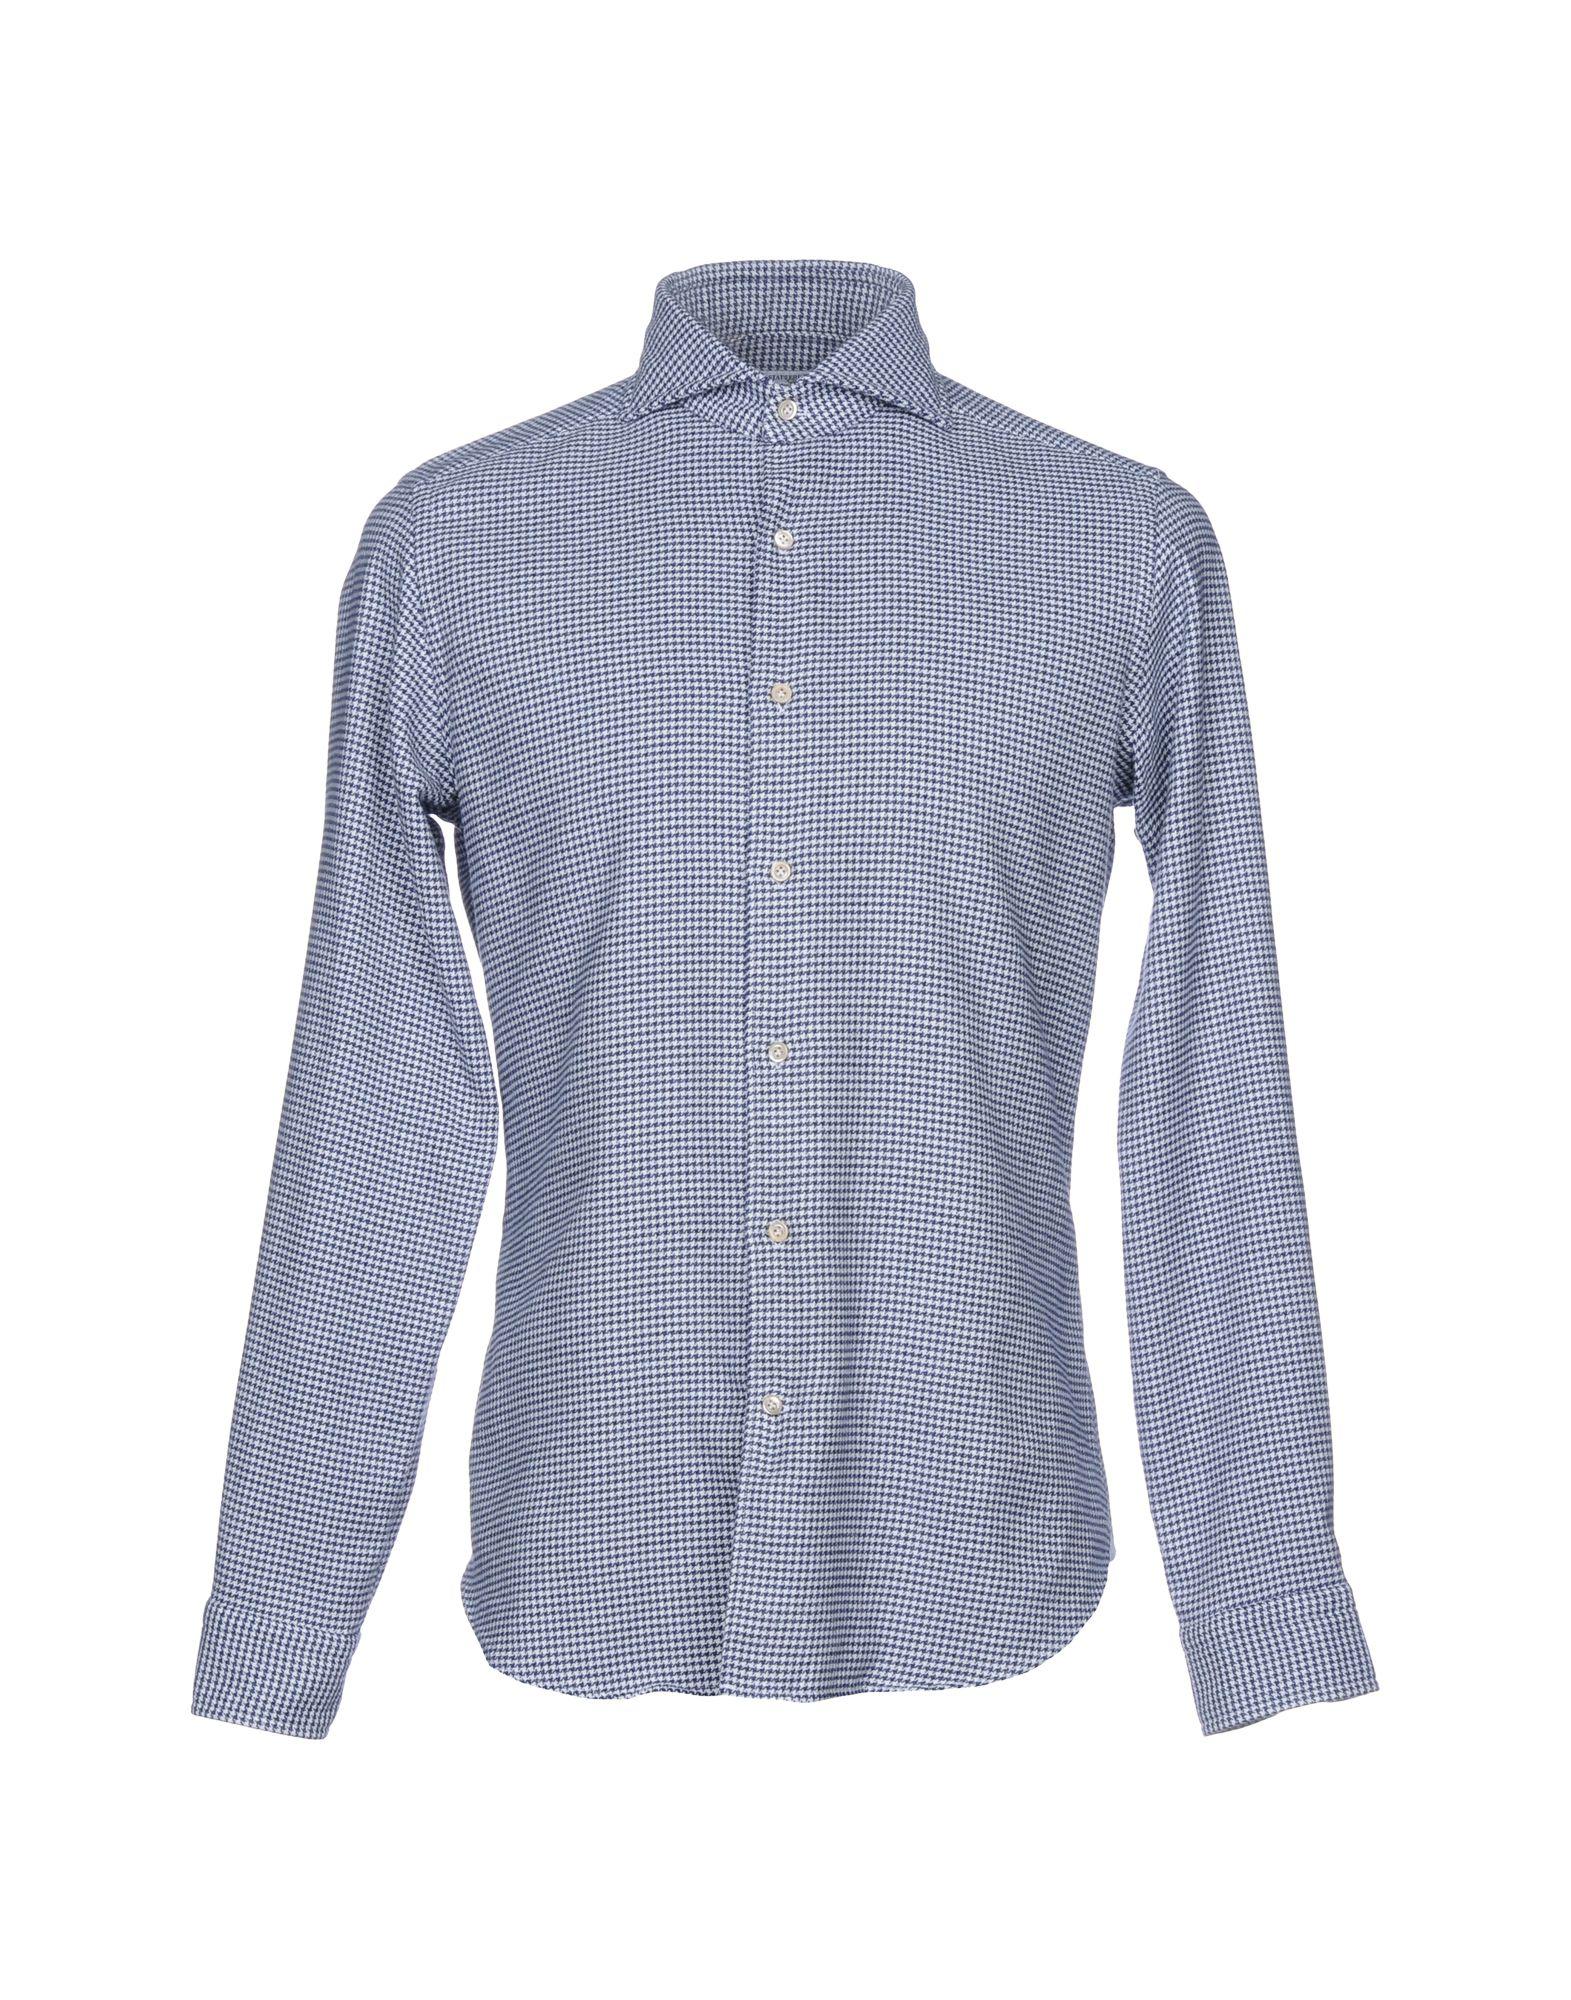 《送料無料》MASTAI FERRETTI メンズ シャツ ダークブルー 39 コットン 100%